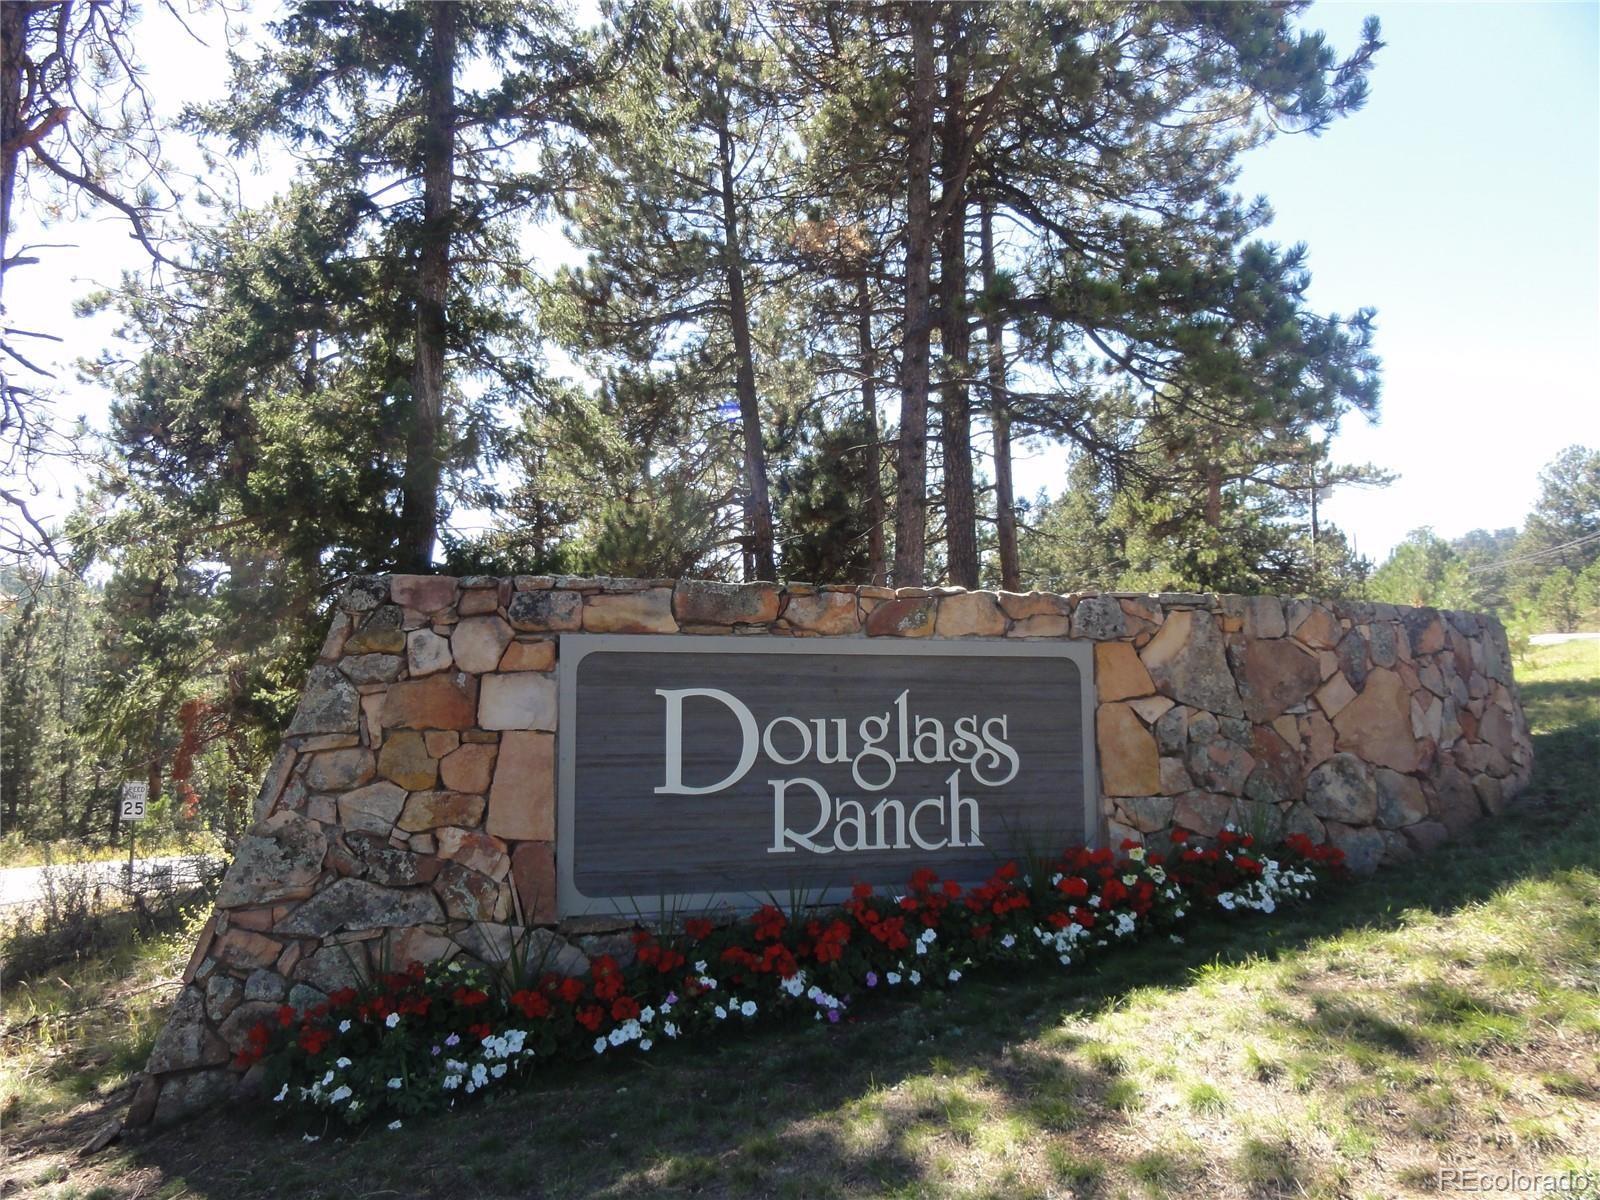 MLS# 7982246 - 37 - 13831 Douglas Ranch Drive, Pine, CO 80470